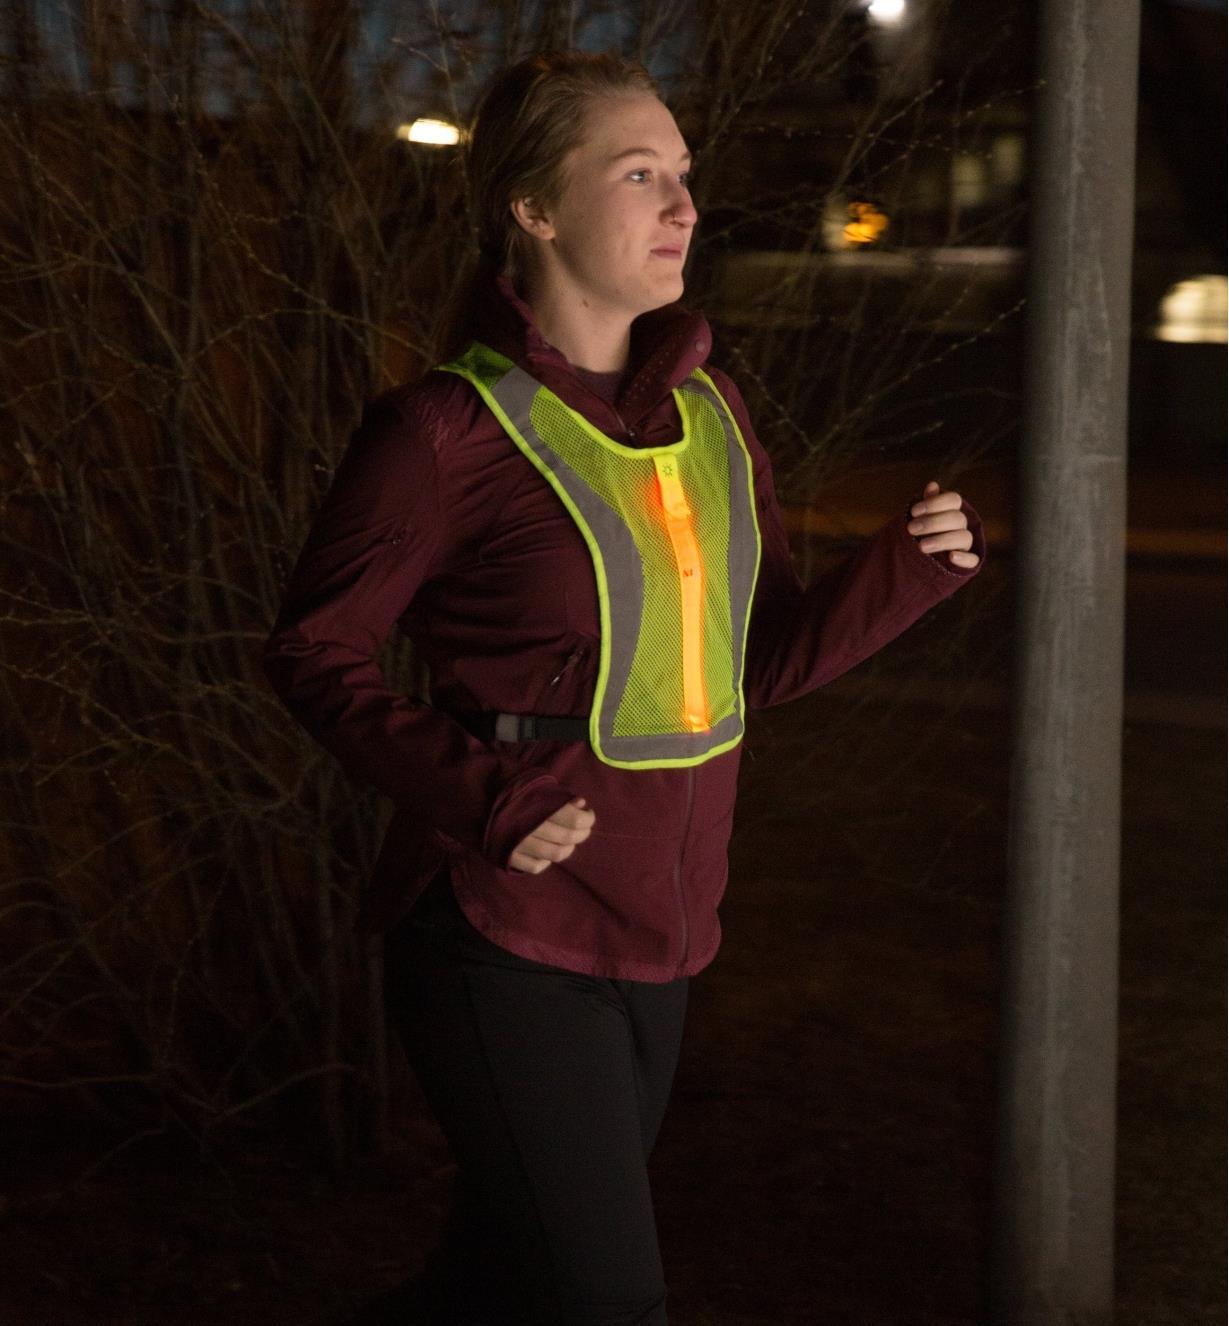 68K0901 - High-Visibility LED Vest, Sm/Med